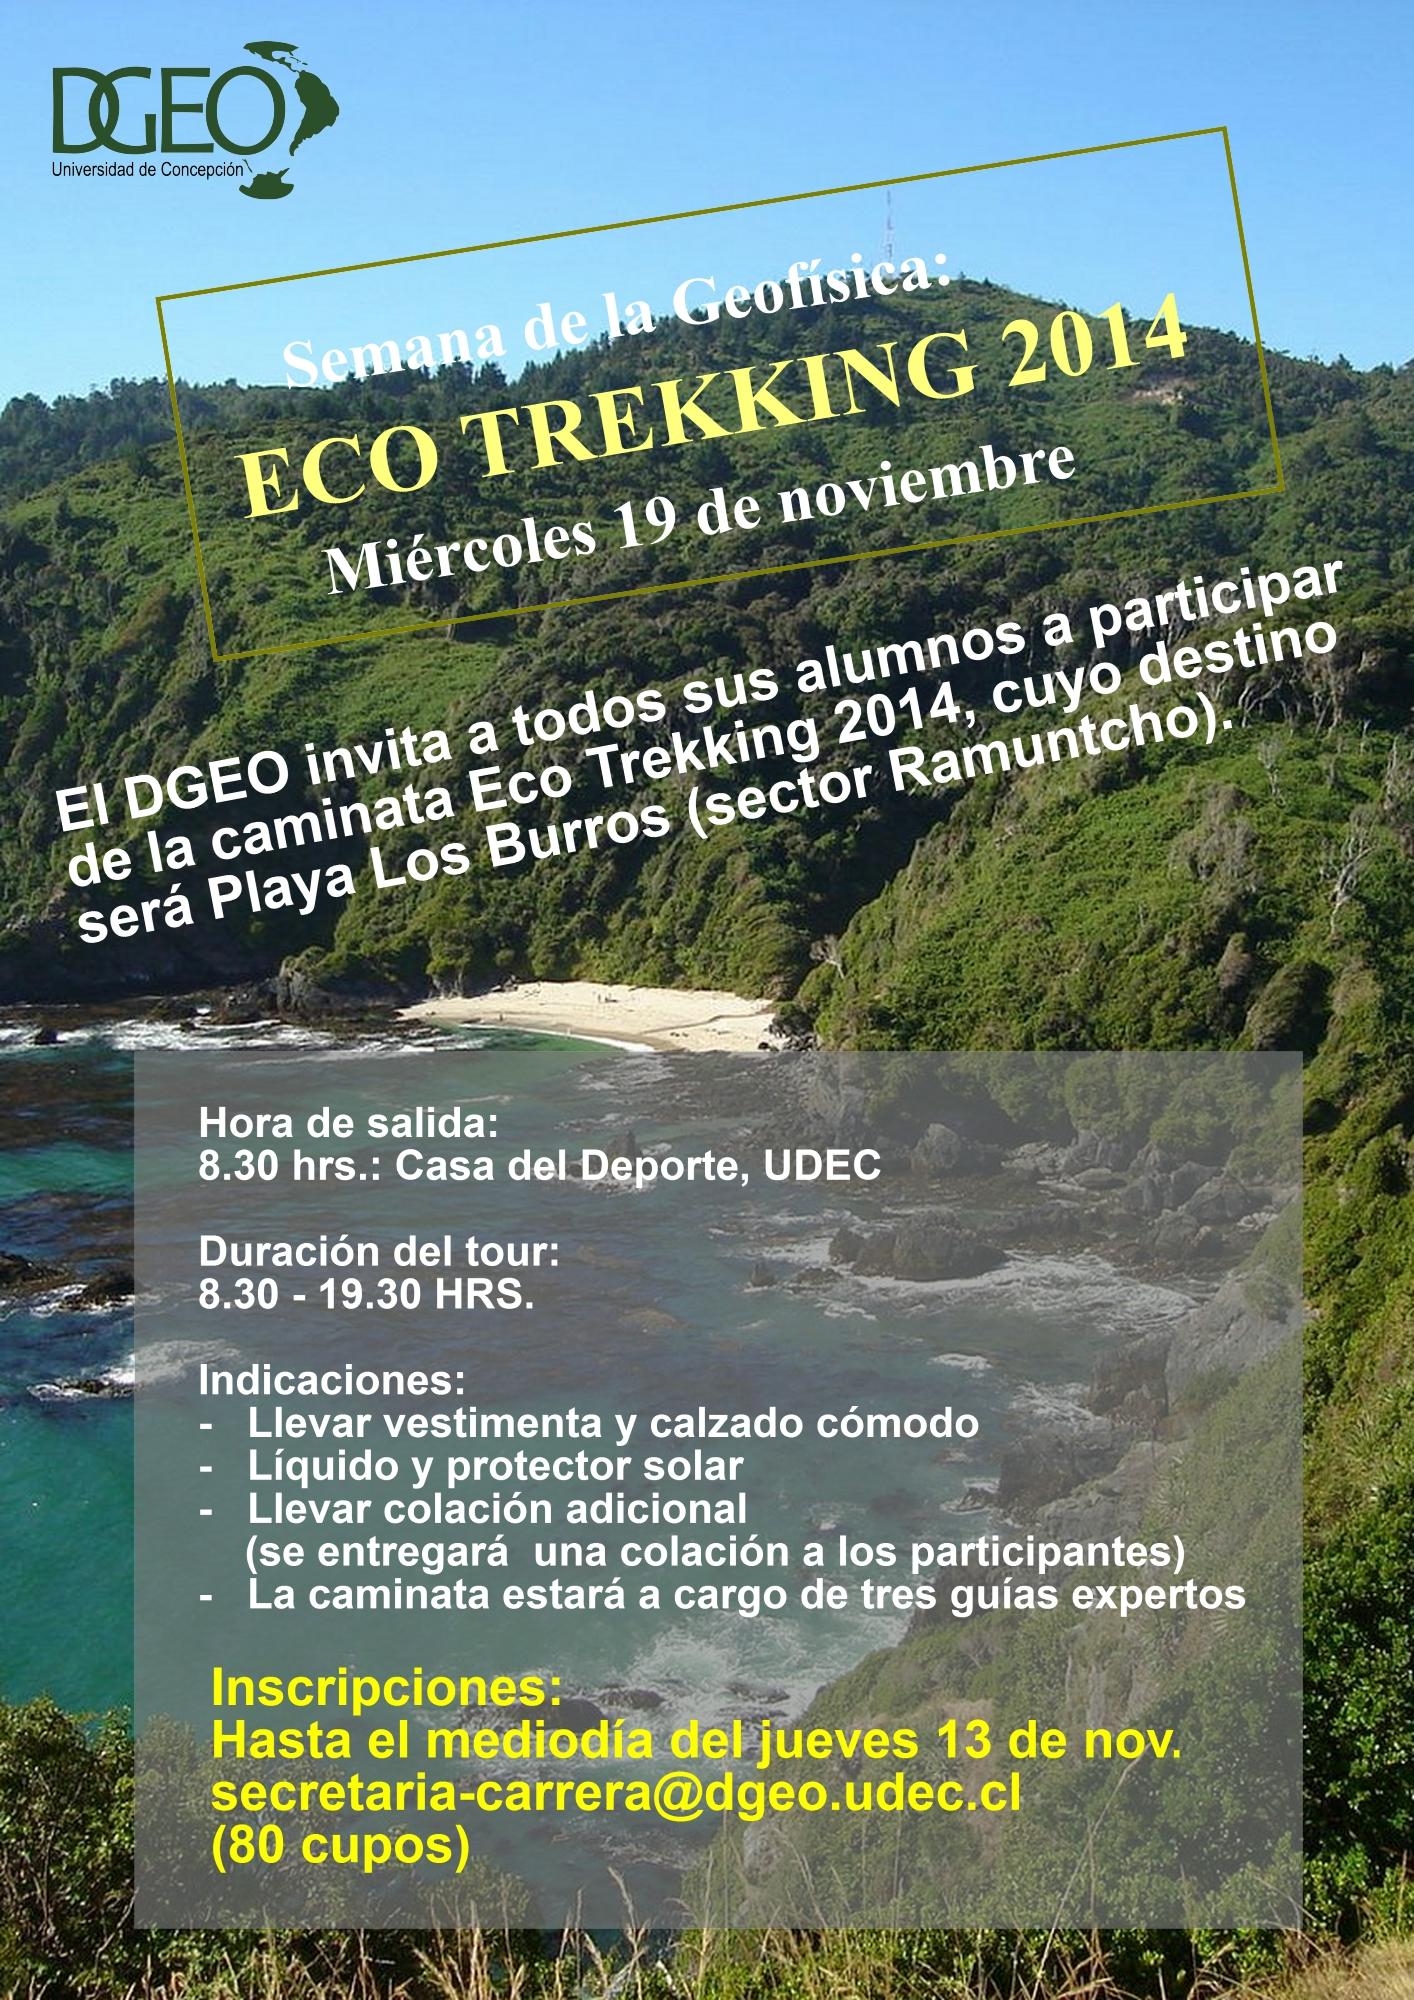 eco trekking 2014